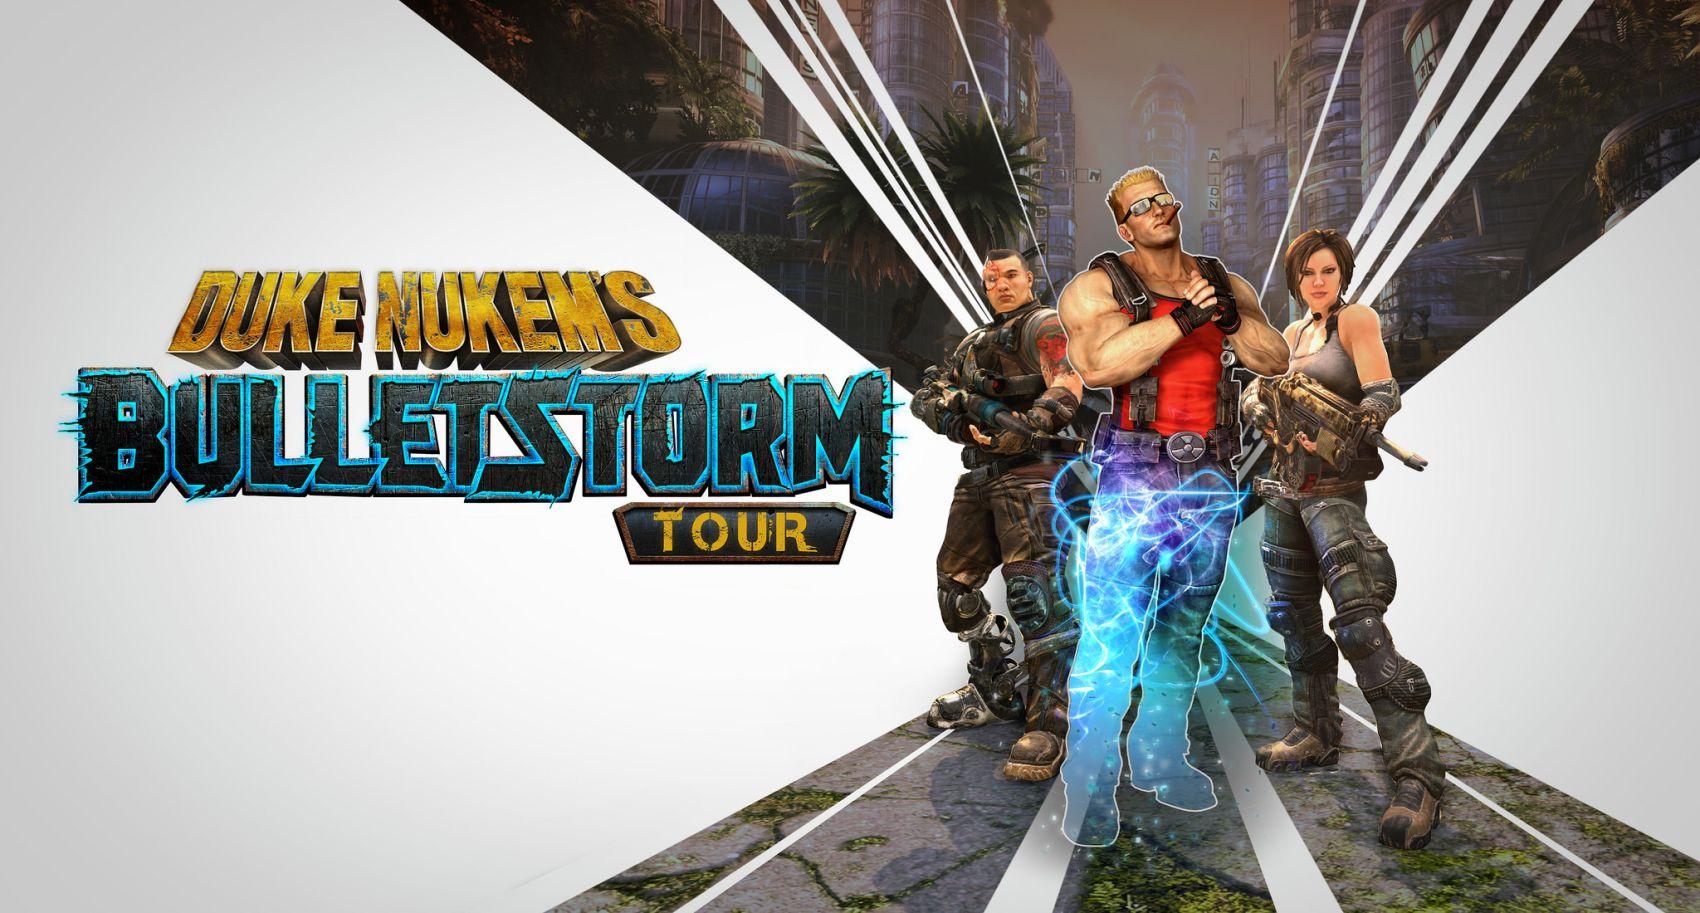 Duke Nukem Bulletstorm Tour DLC